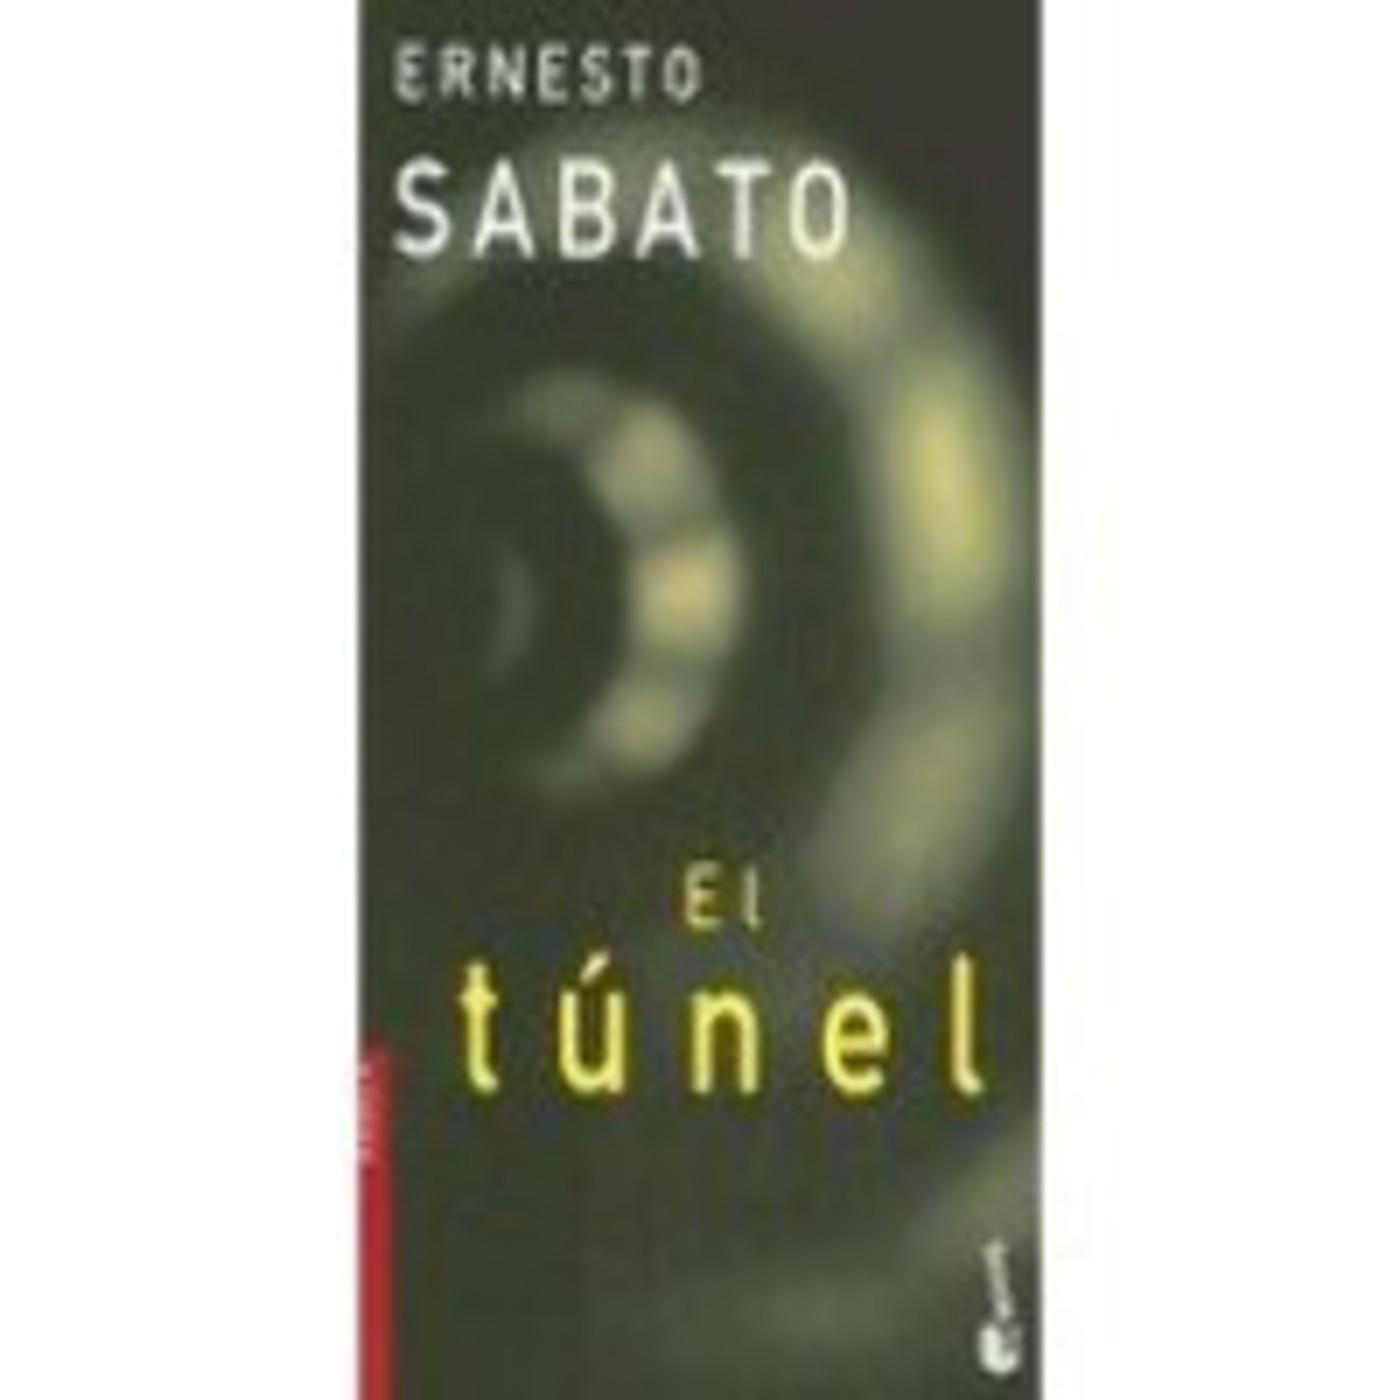 El Tunel (ERNESTO SABATO) en PODCAST AUDIOLIBROS en mp3(19